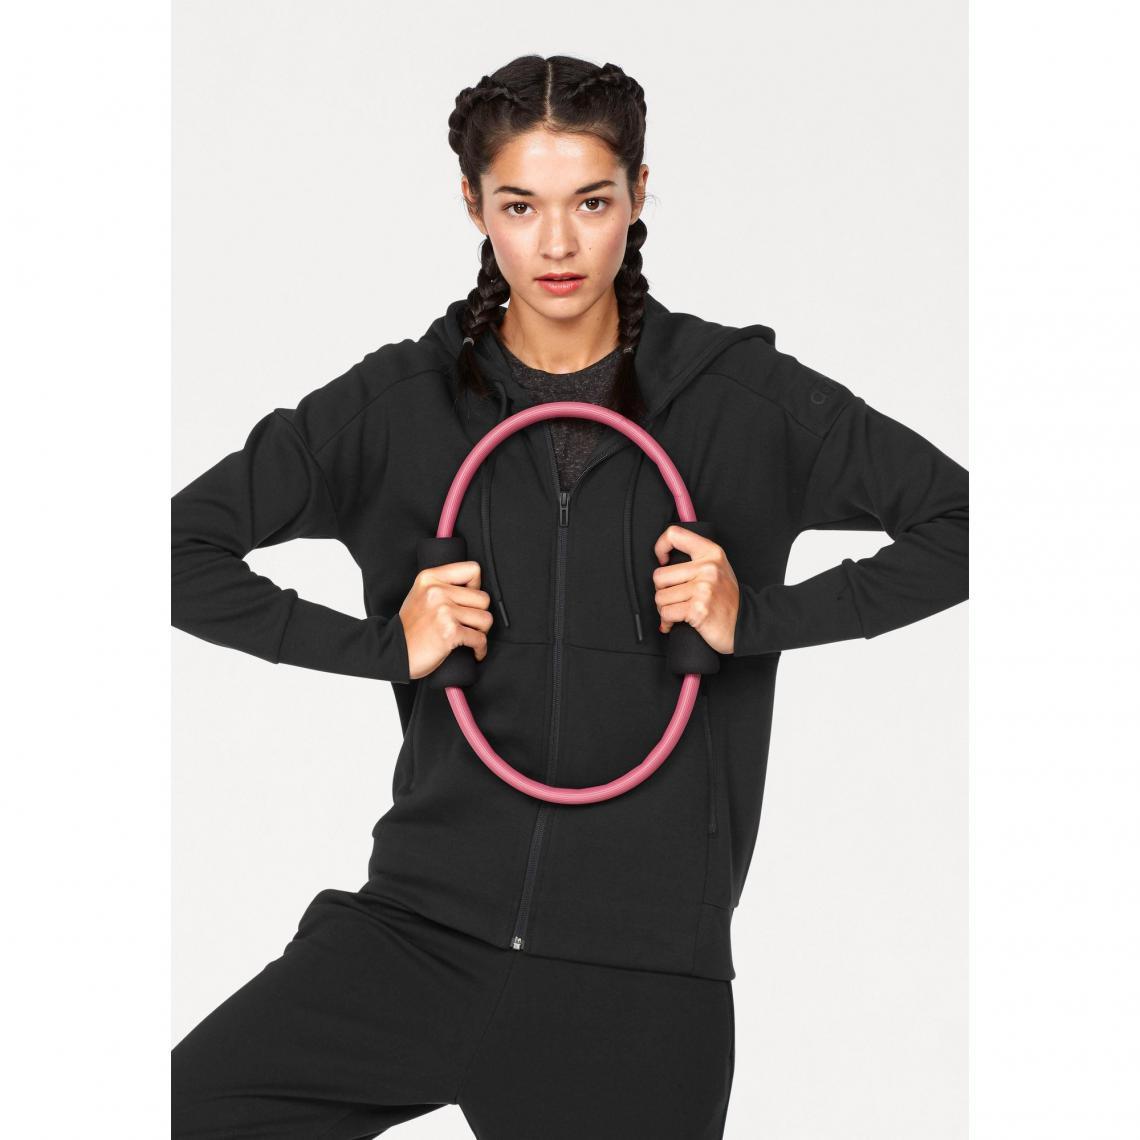 134929ed1d Sweat zippé manches longues à capuche femme ID Stadium adidas Performance - Noir  Adidas Performance Femme